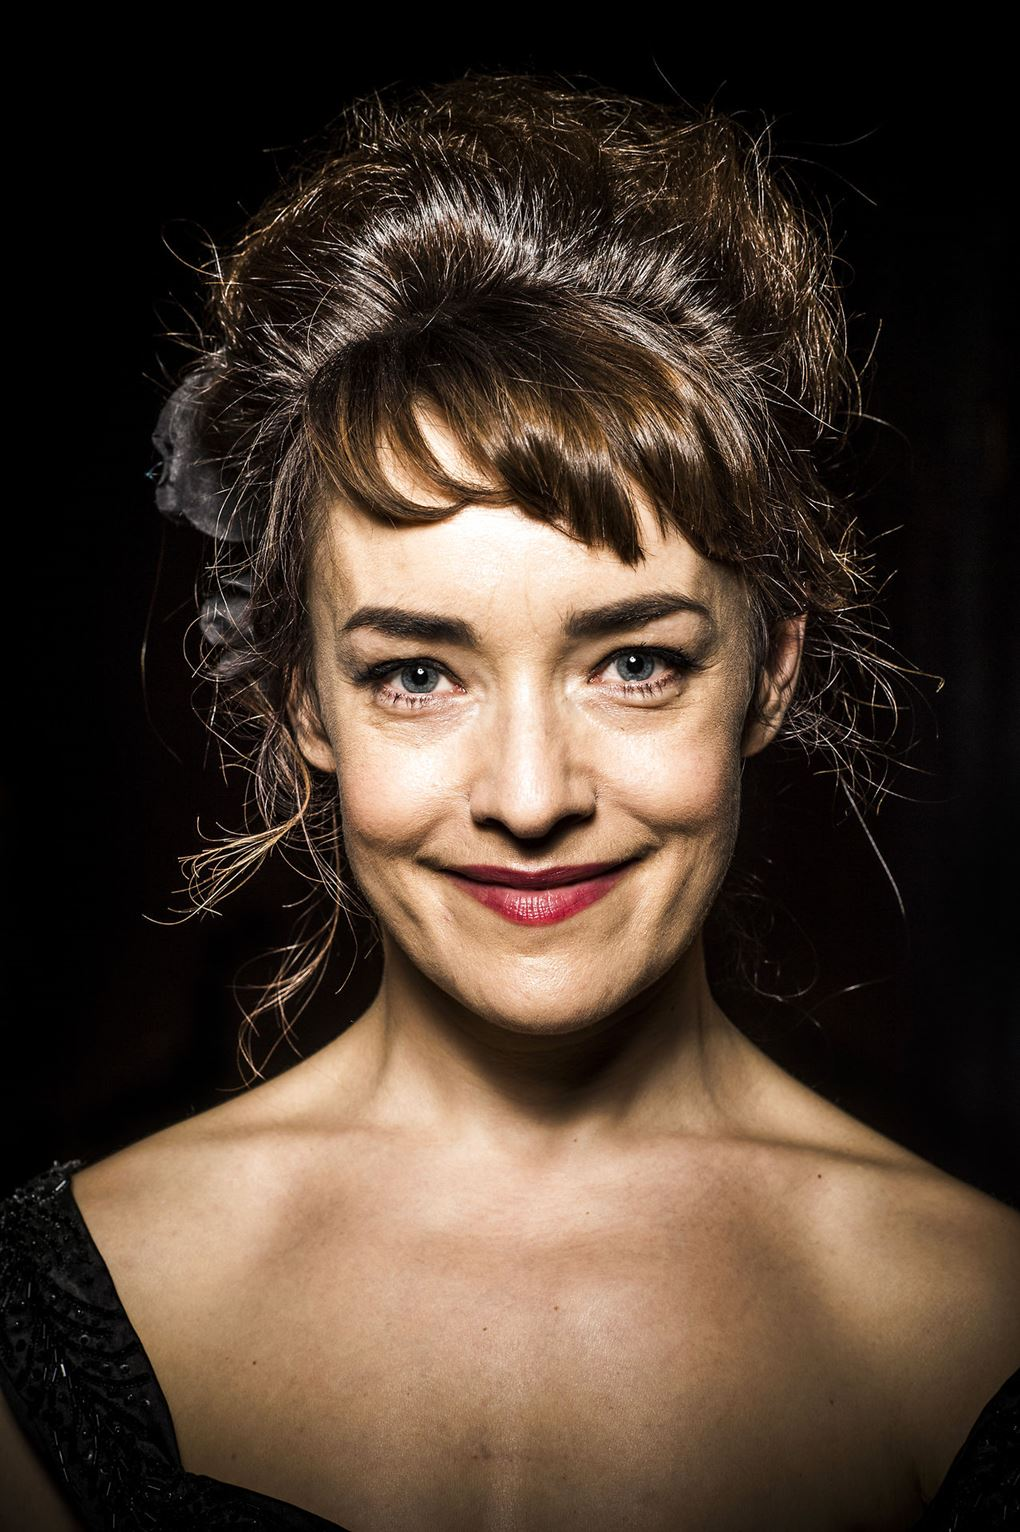 Nærbillede af Maria Rossing, hvor hun smiler uden tænder.